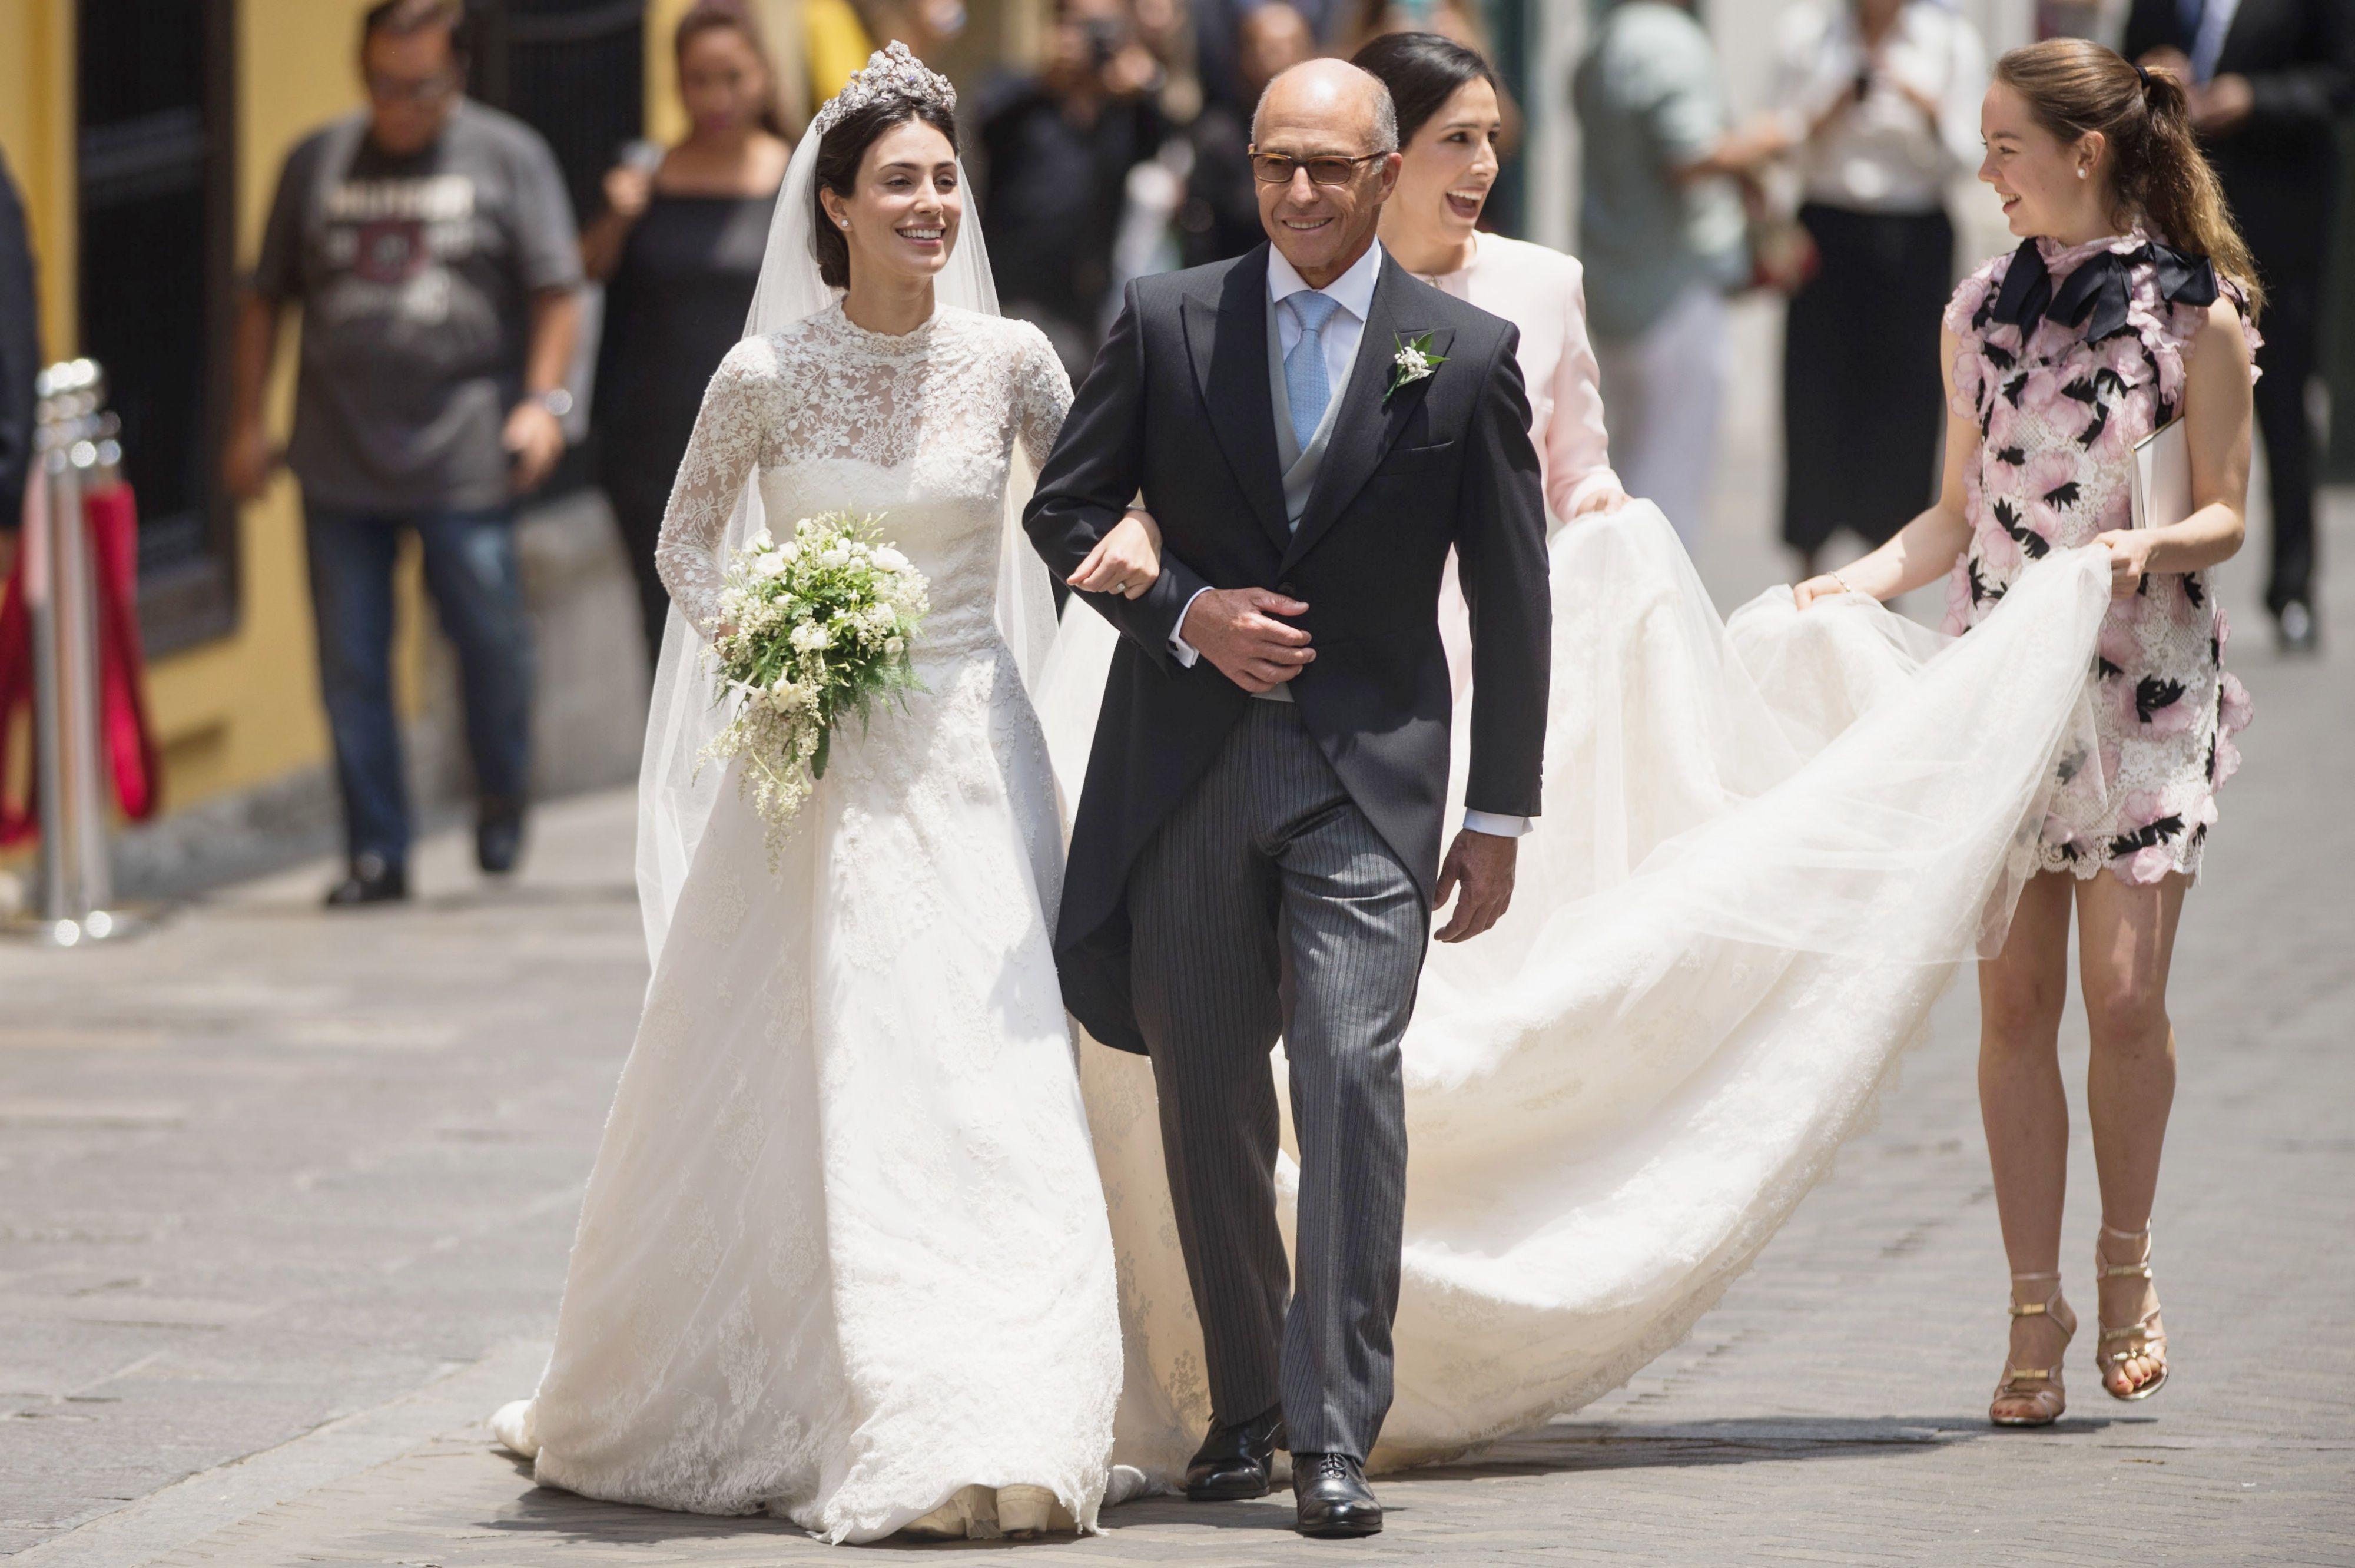 克利斯蒂安,Prince Christian of Hanover,漢諾威,梅根馬克爾,哈利王子,英國皇室,皇家婚禮